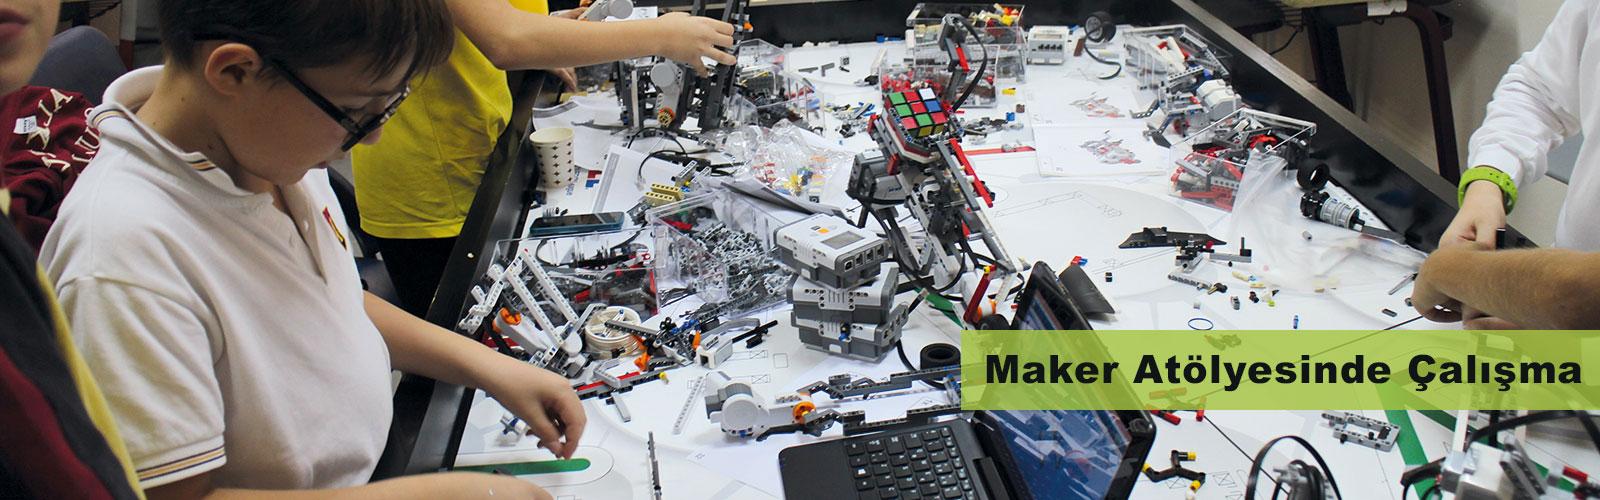 Maker atölyesinde çalışma